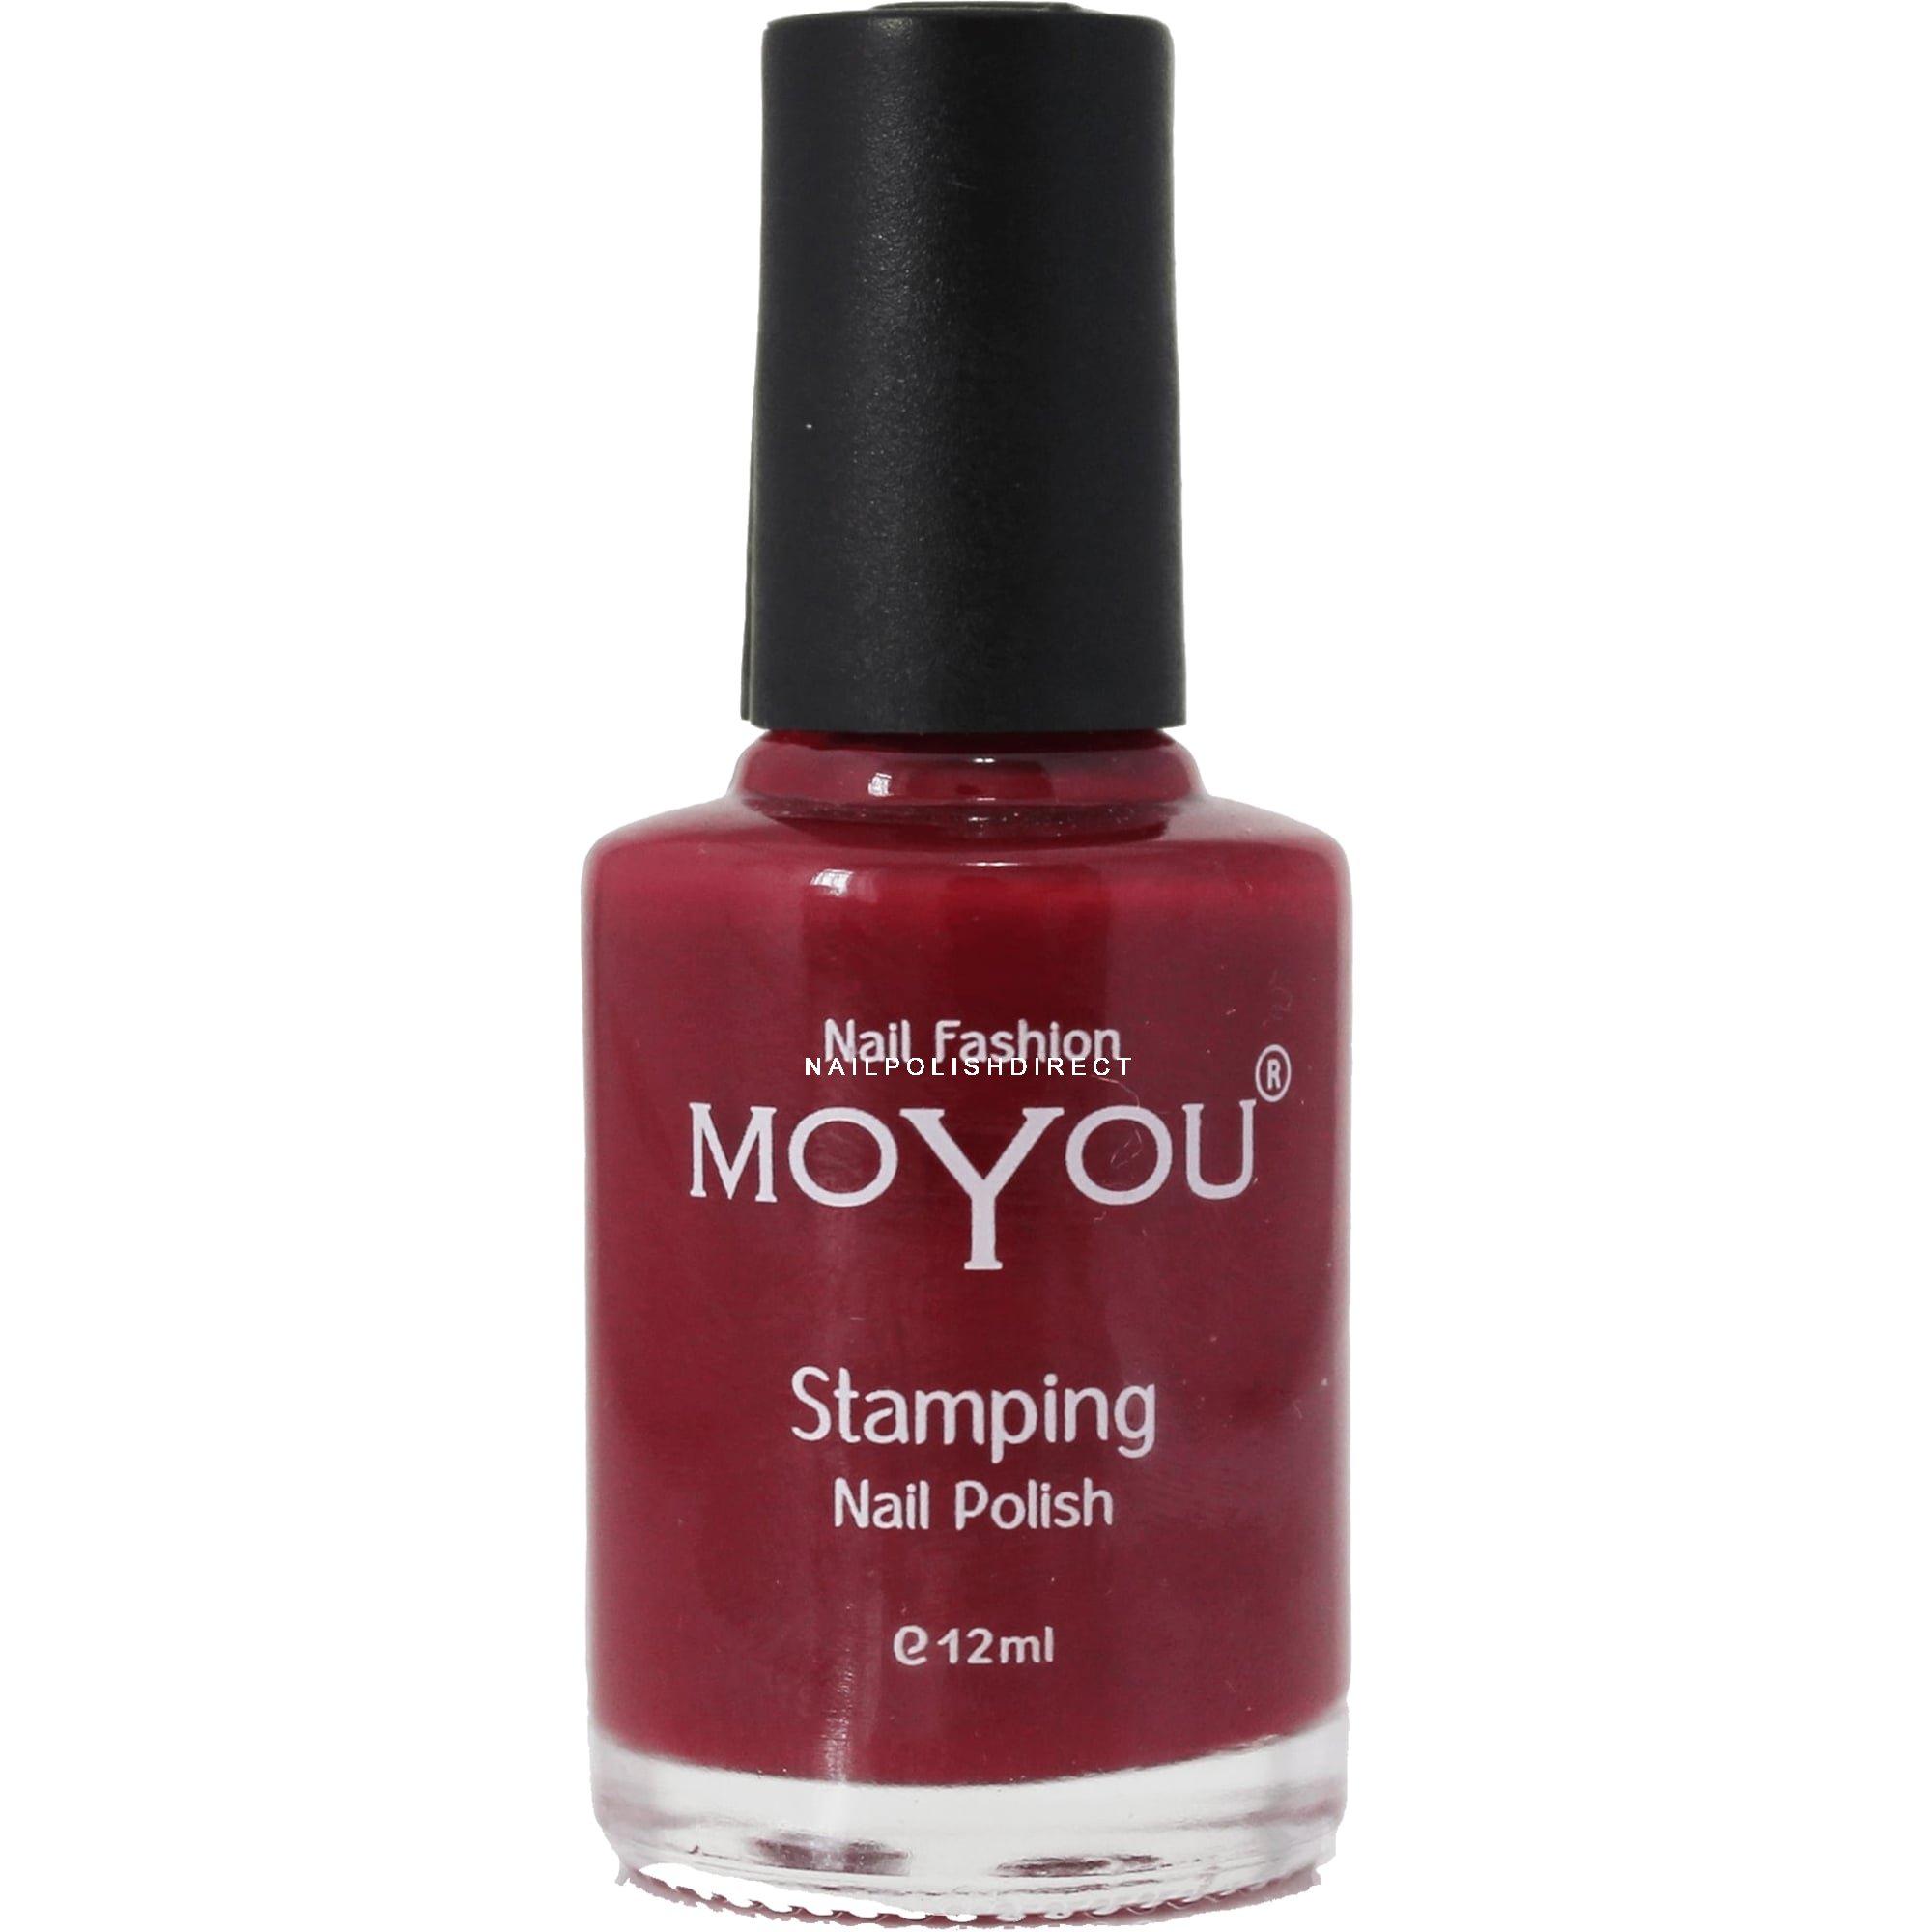 Moyou Stamping Nail Art Special Nail Polish Chestnut Road 12ml